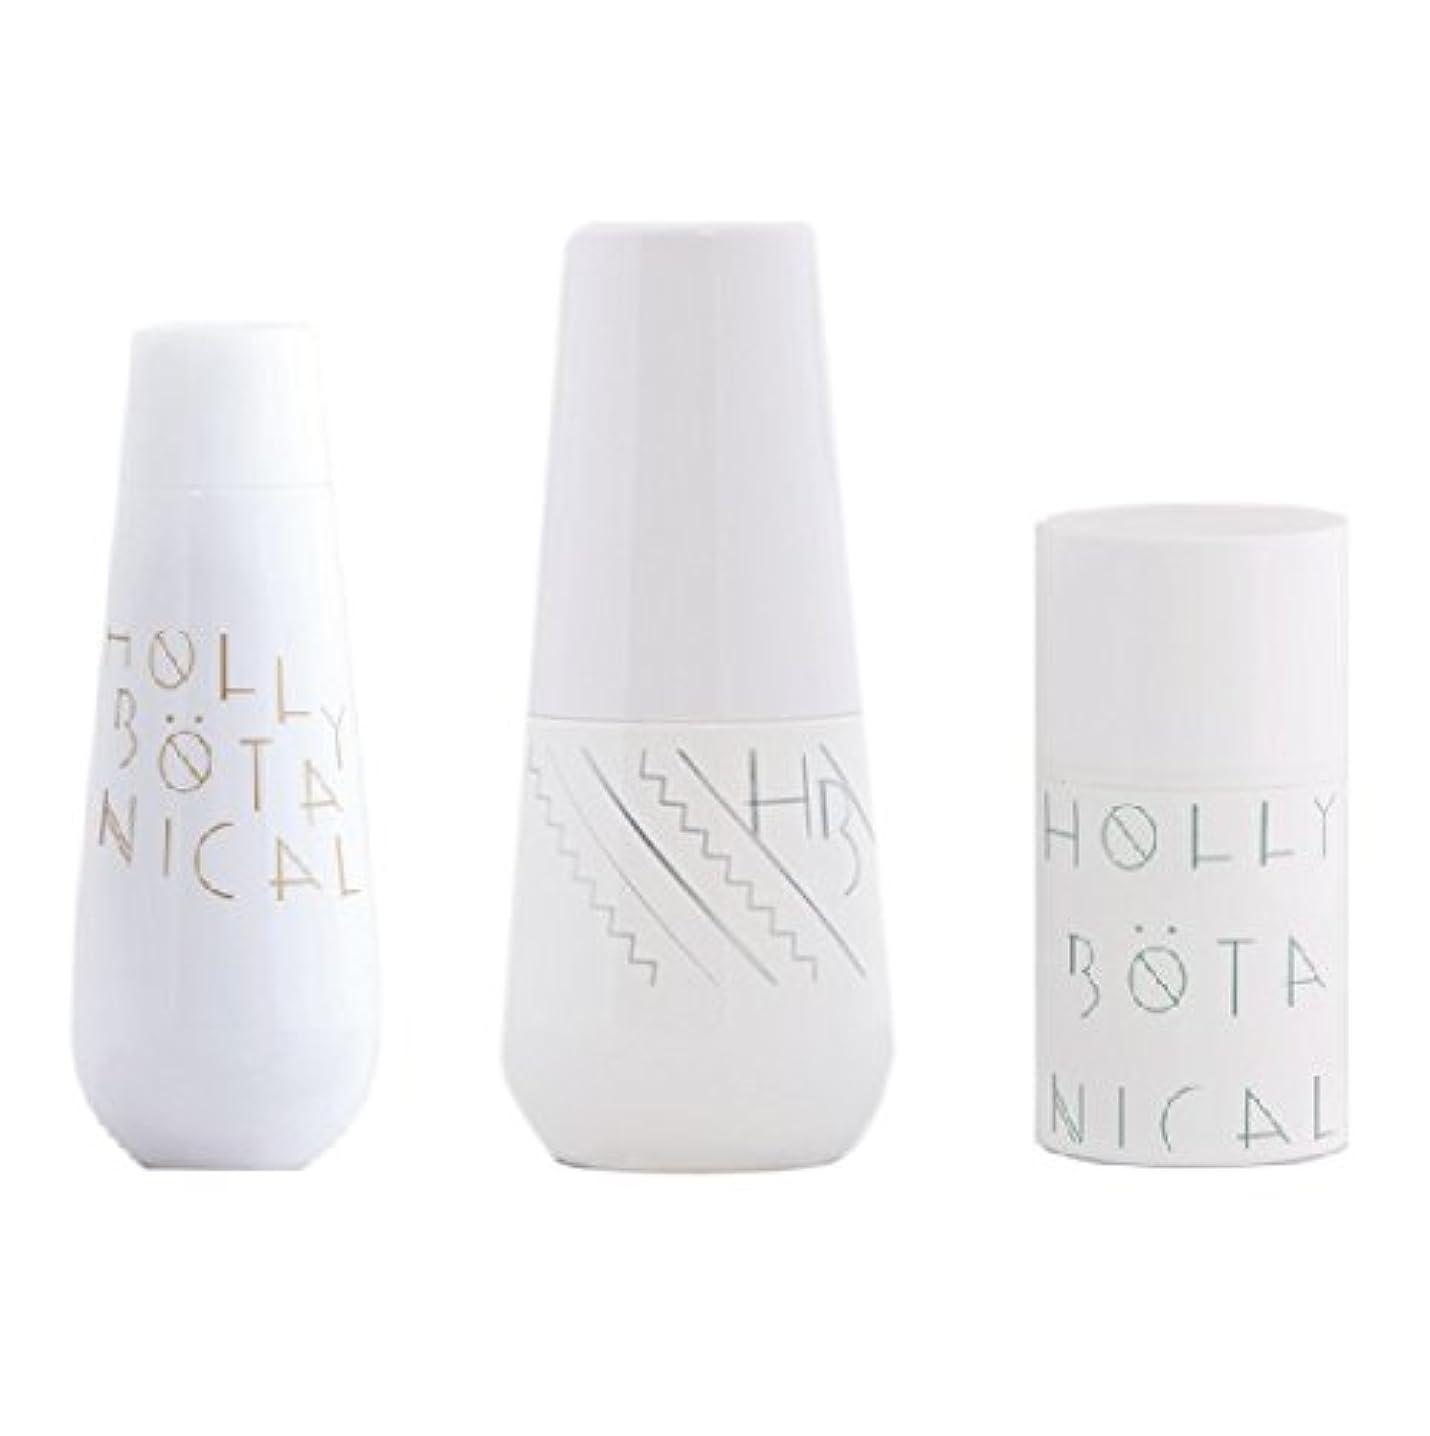 シダソースやがてHolly Botanical スキンケア3点セット 導入美容液 50ml & 化粧水150ml & フェイスクリーム50g